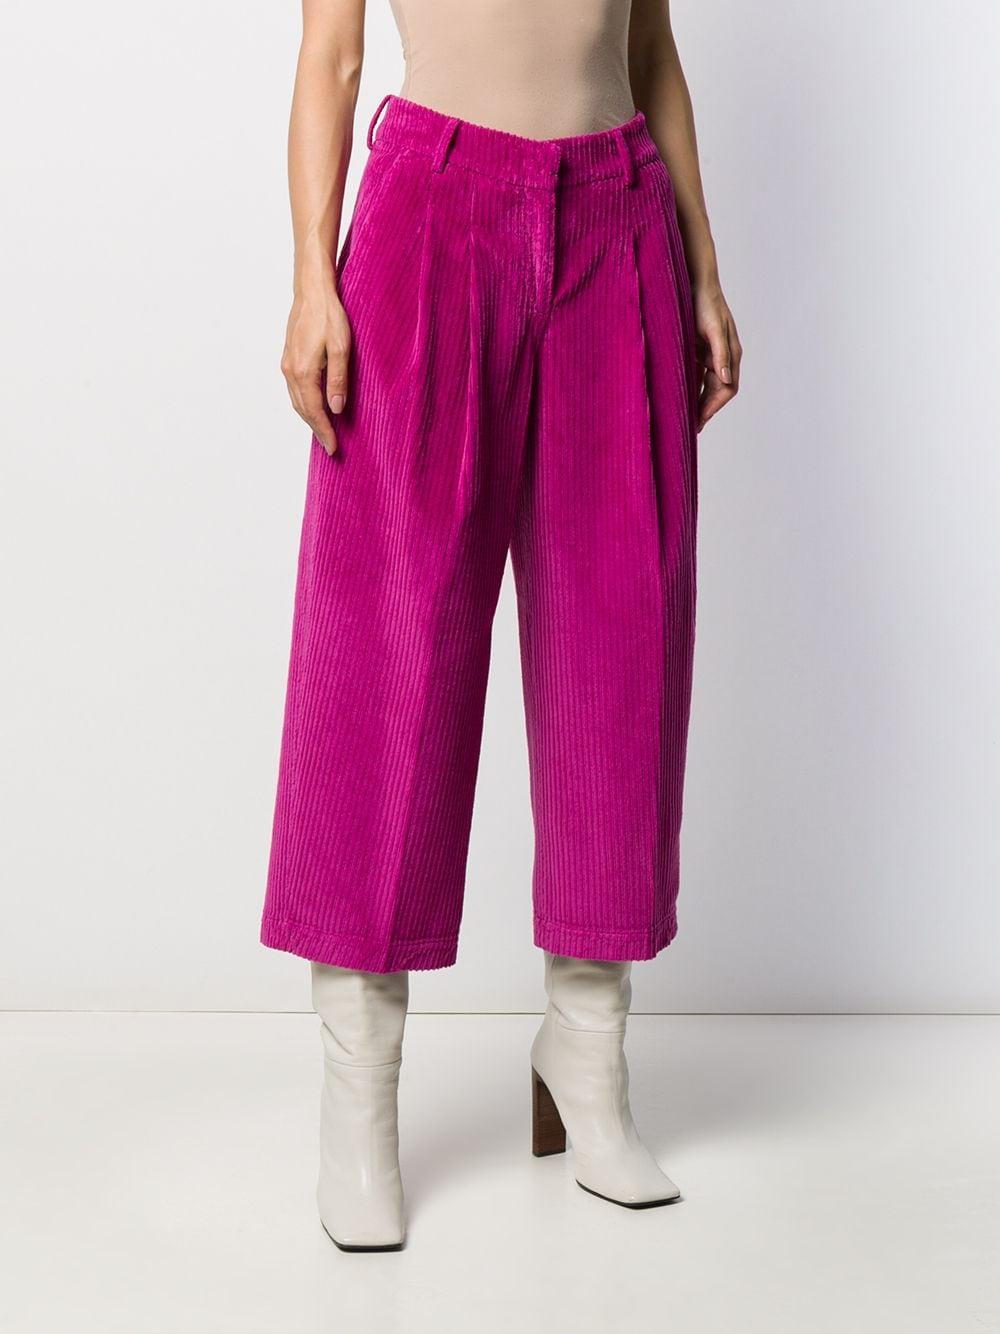 Pantalones capri de terciopelo PT01 de Terciopelo de color Rosa